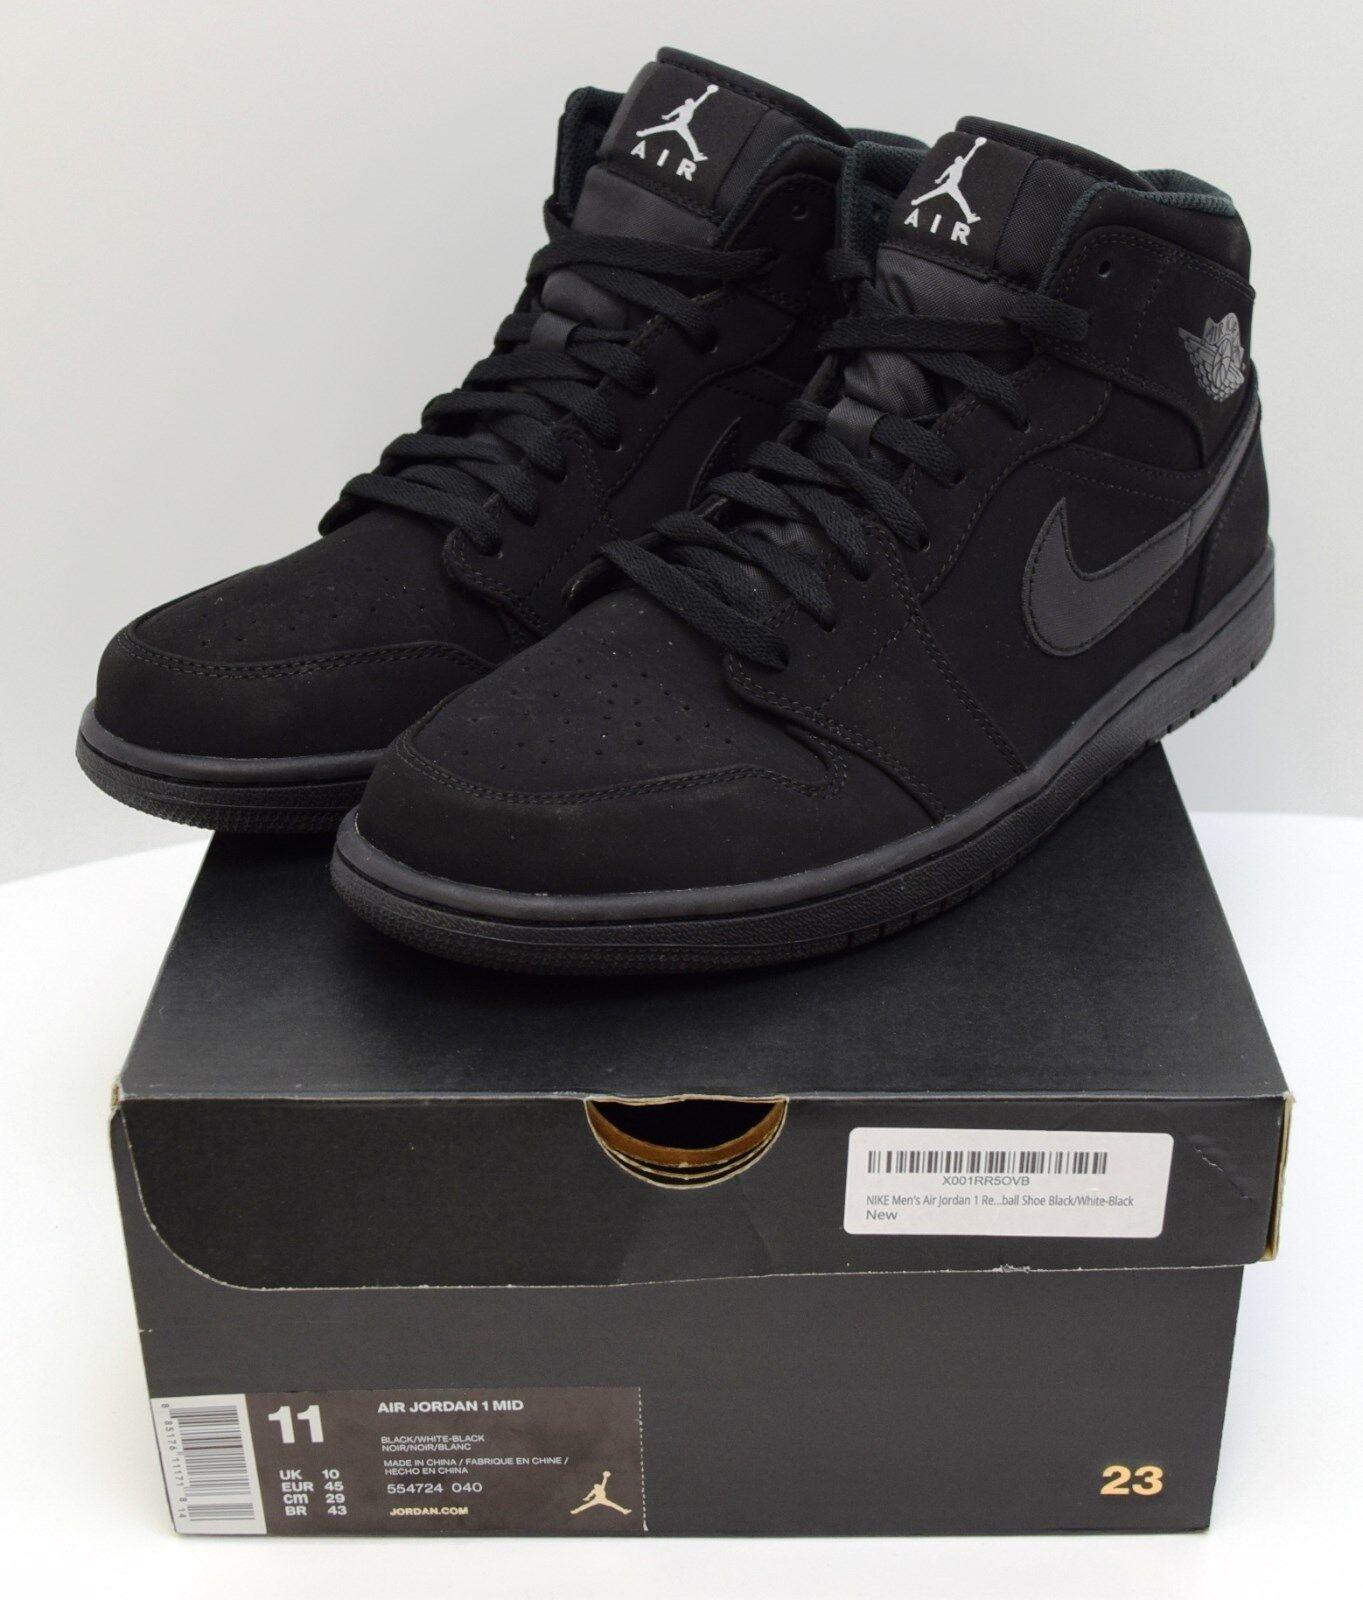 Nike Nike Nike Air Jordan I MID Men's Nubuck Black White Black Sz 11 554724-040 4-2 388d04